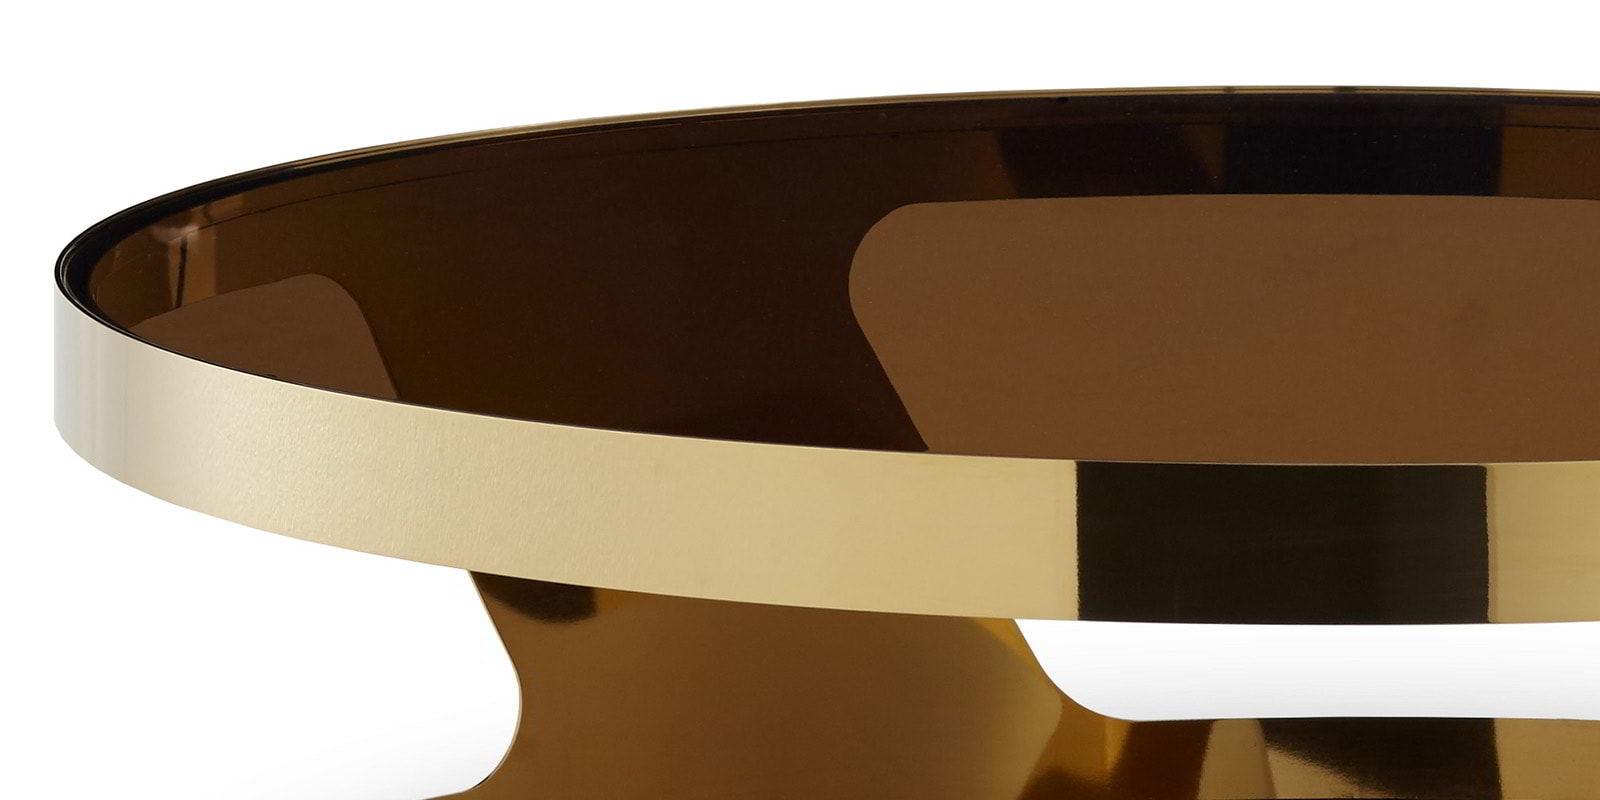 couchtisch rund gold couchtisch marmor modern otis. Black Bedroom Furniture Sets. Home Design Ideas